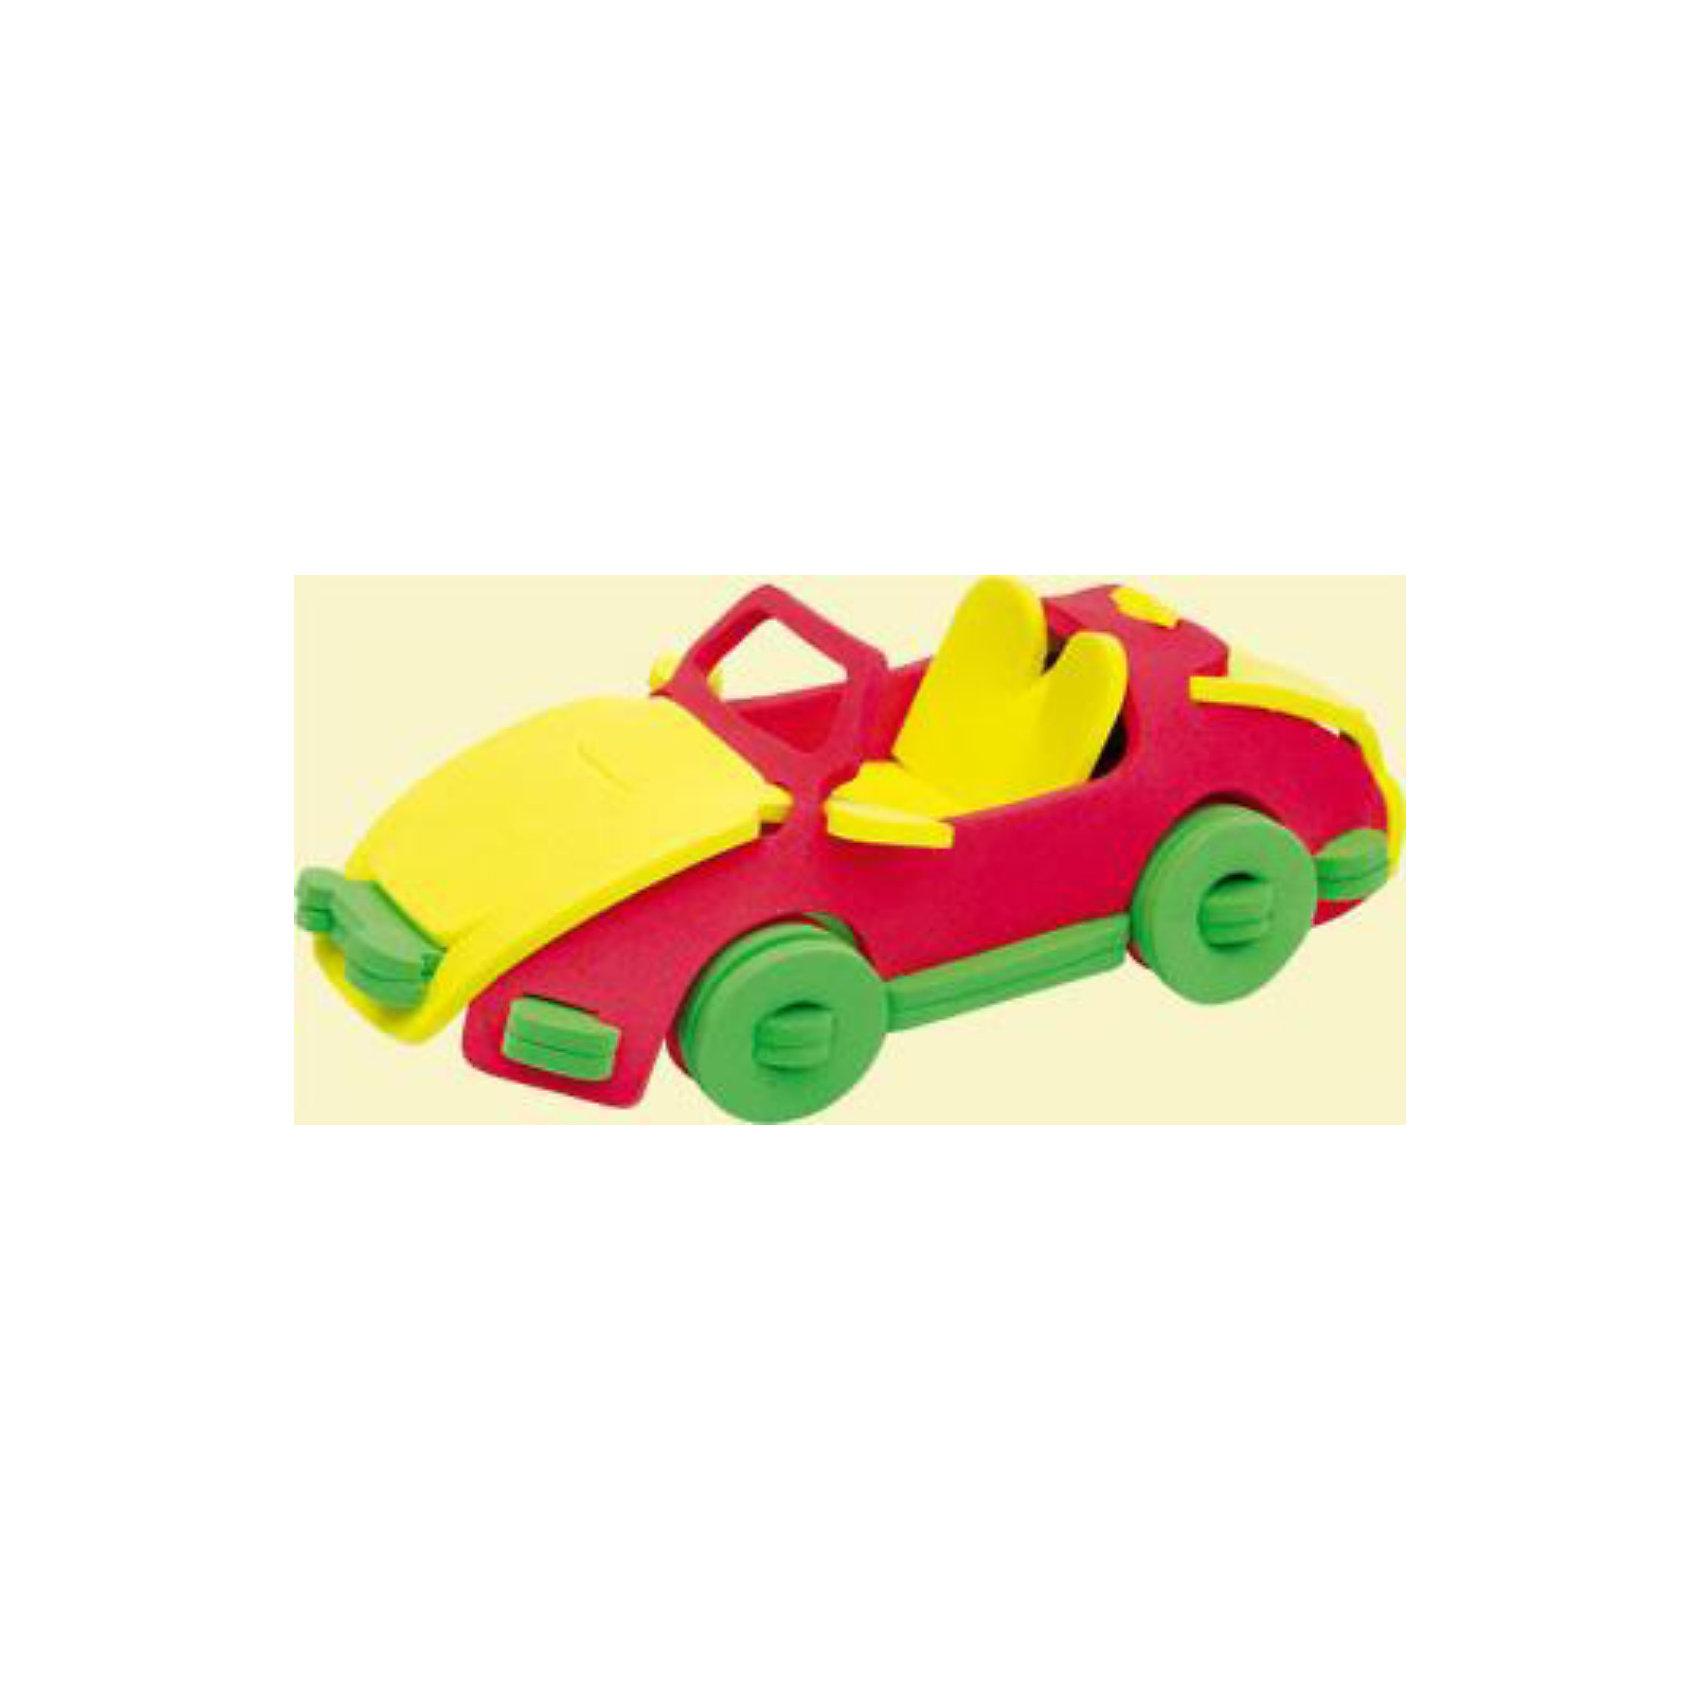 Фантазер Набор Техник-АвтомобильКонструкторы для малышей<br>Конструктор из мягкого пластика для детей от 4 лет. Игрушка — АВТОМОБИЛЬ,  сделанная своими руками интерснее вдвойне.<br><br>Ширина мм: 185<br>Глубина мм: 220<br>Высота мм: 25<br>Вес г: 45<br>Возраст от месяцев: 96<br>Возраст до месяцев: 192<br>Пол: Унисекс<br>Возраст: Детский<br>SKU: 2355593